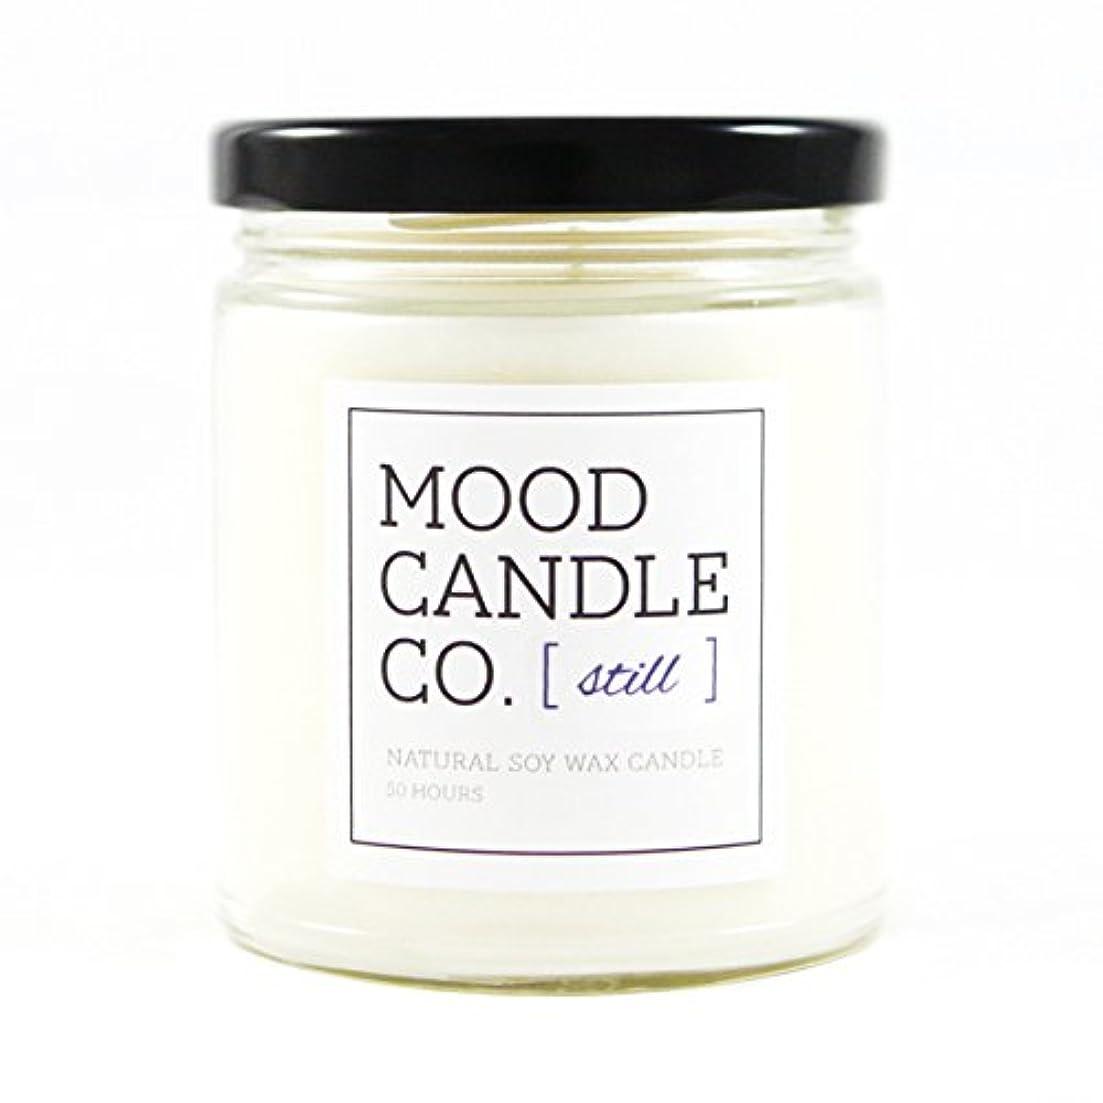 アソシエイトデンマーク語切り下げ自然Soy Candle、50時間、Great for Aromatherapy、ヨガ、瞑想、非毒性、by Mood Candle Co。 50 HOURS ホワイト